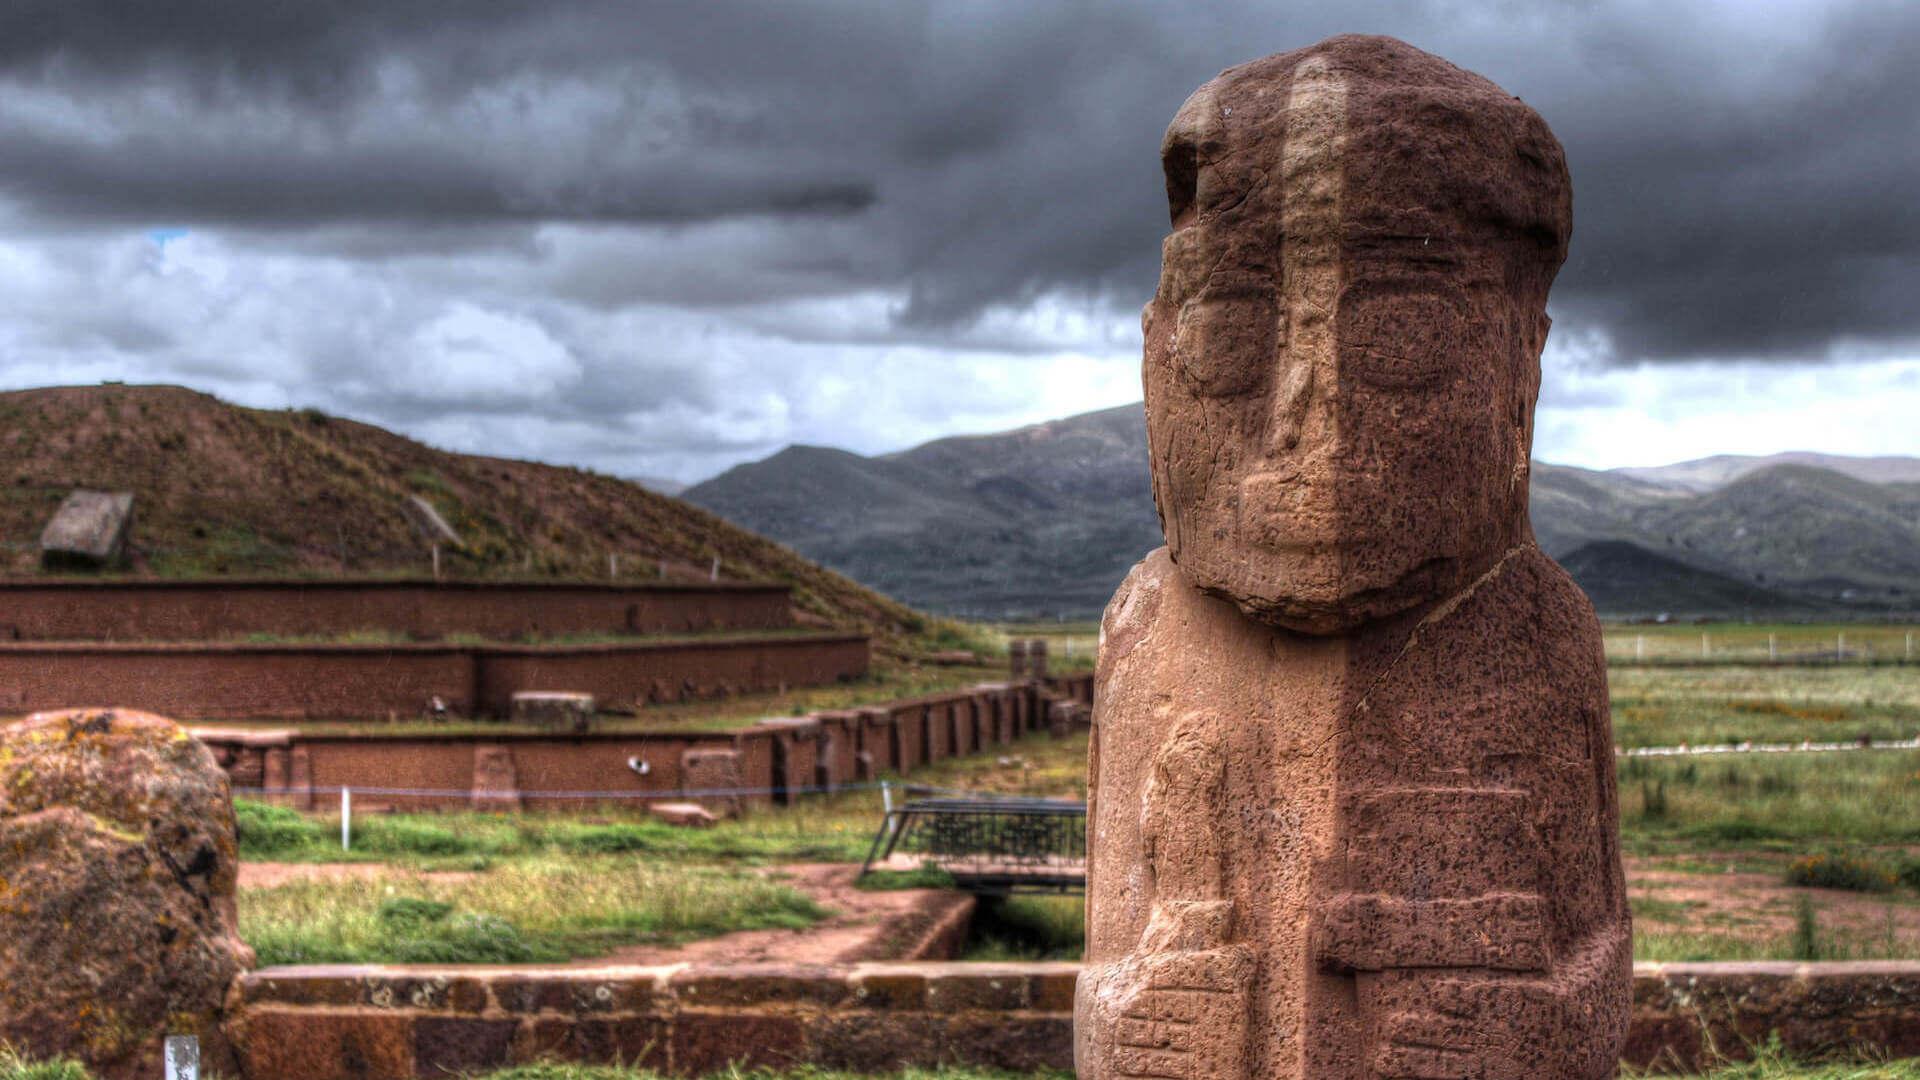 Beeld in de oude stad Tiwanaku in Bolivia